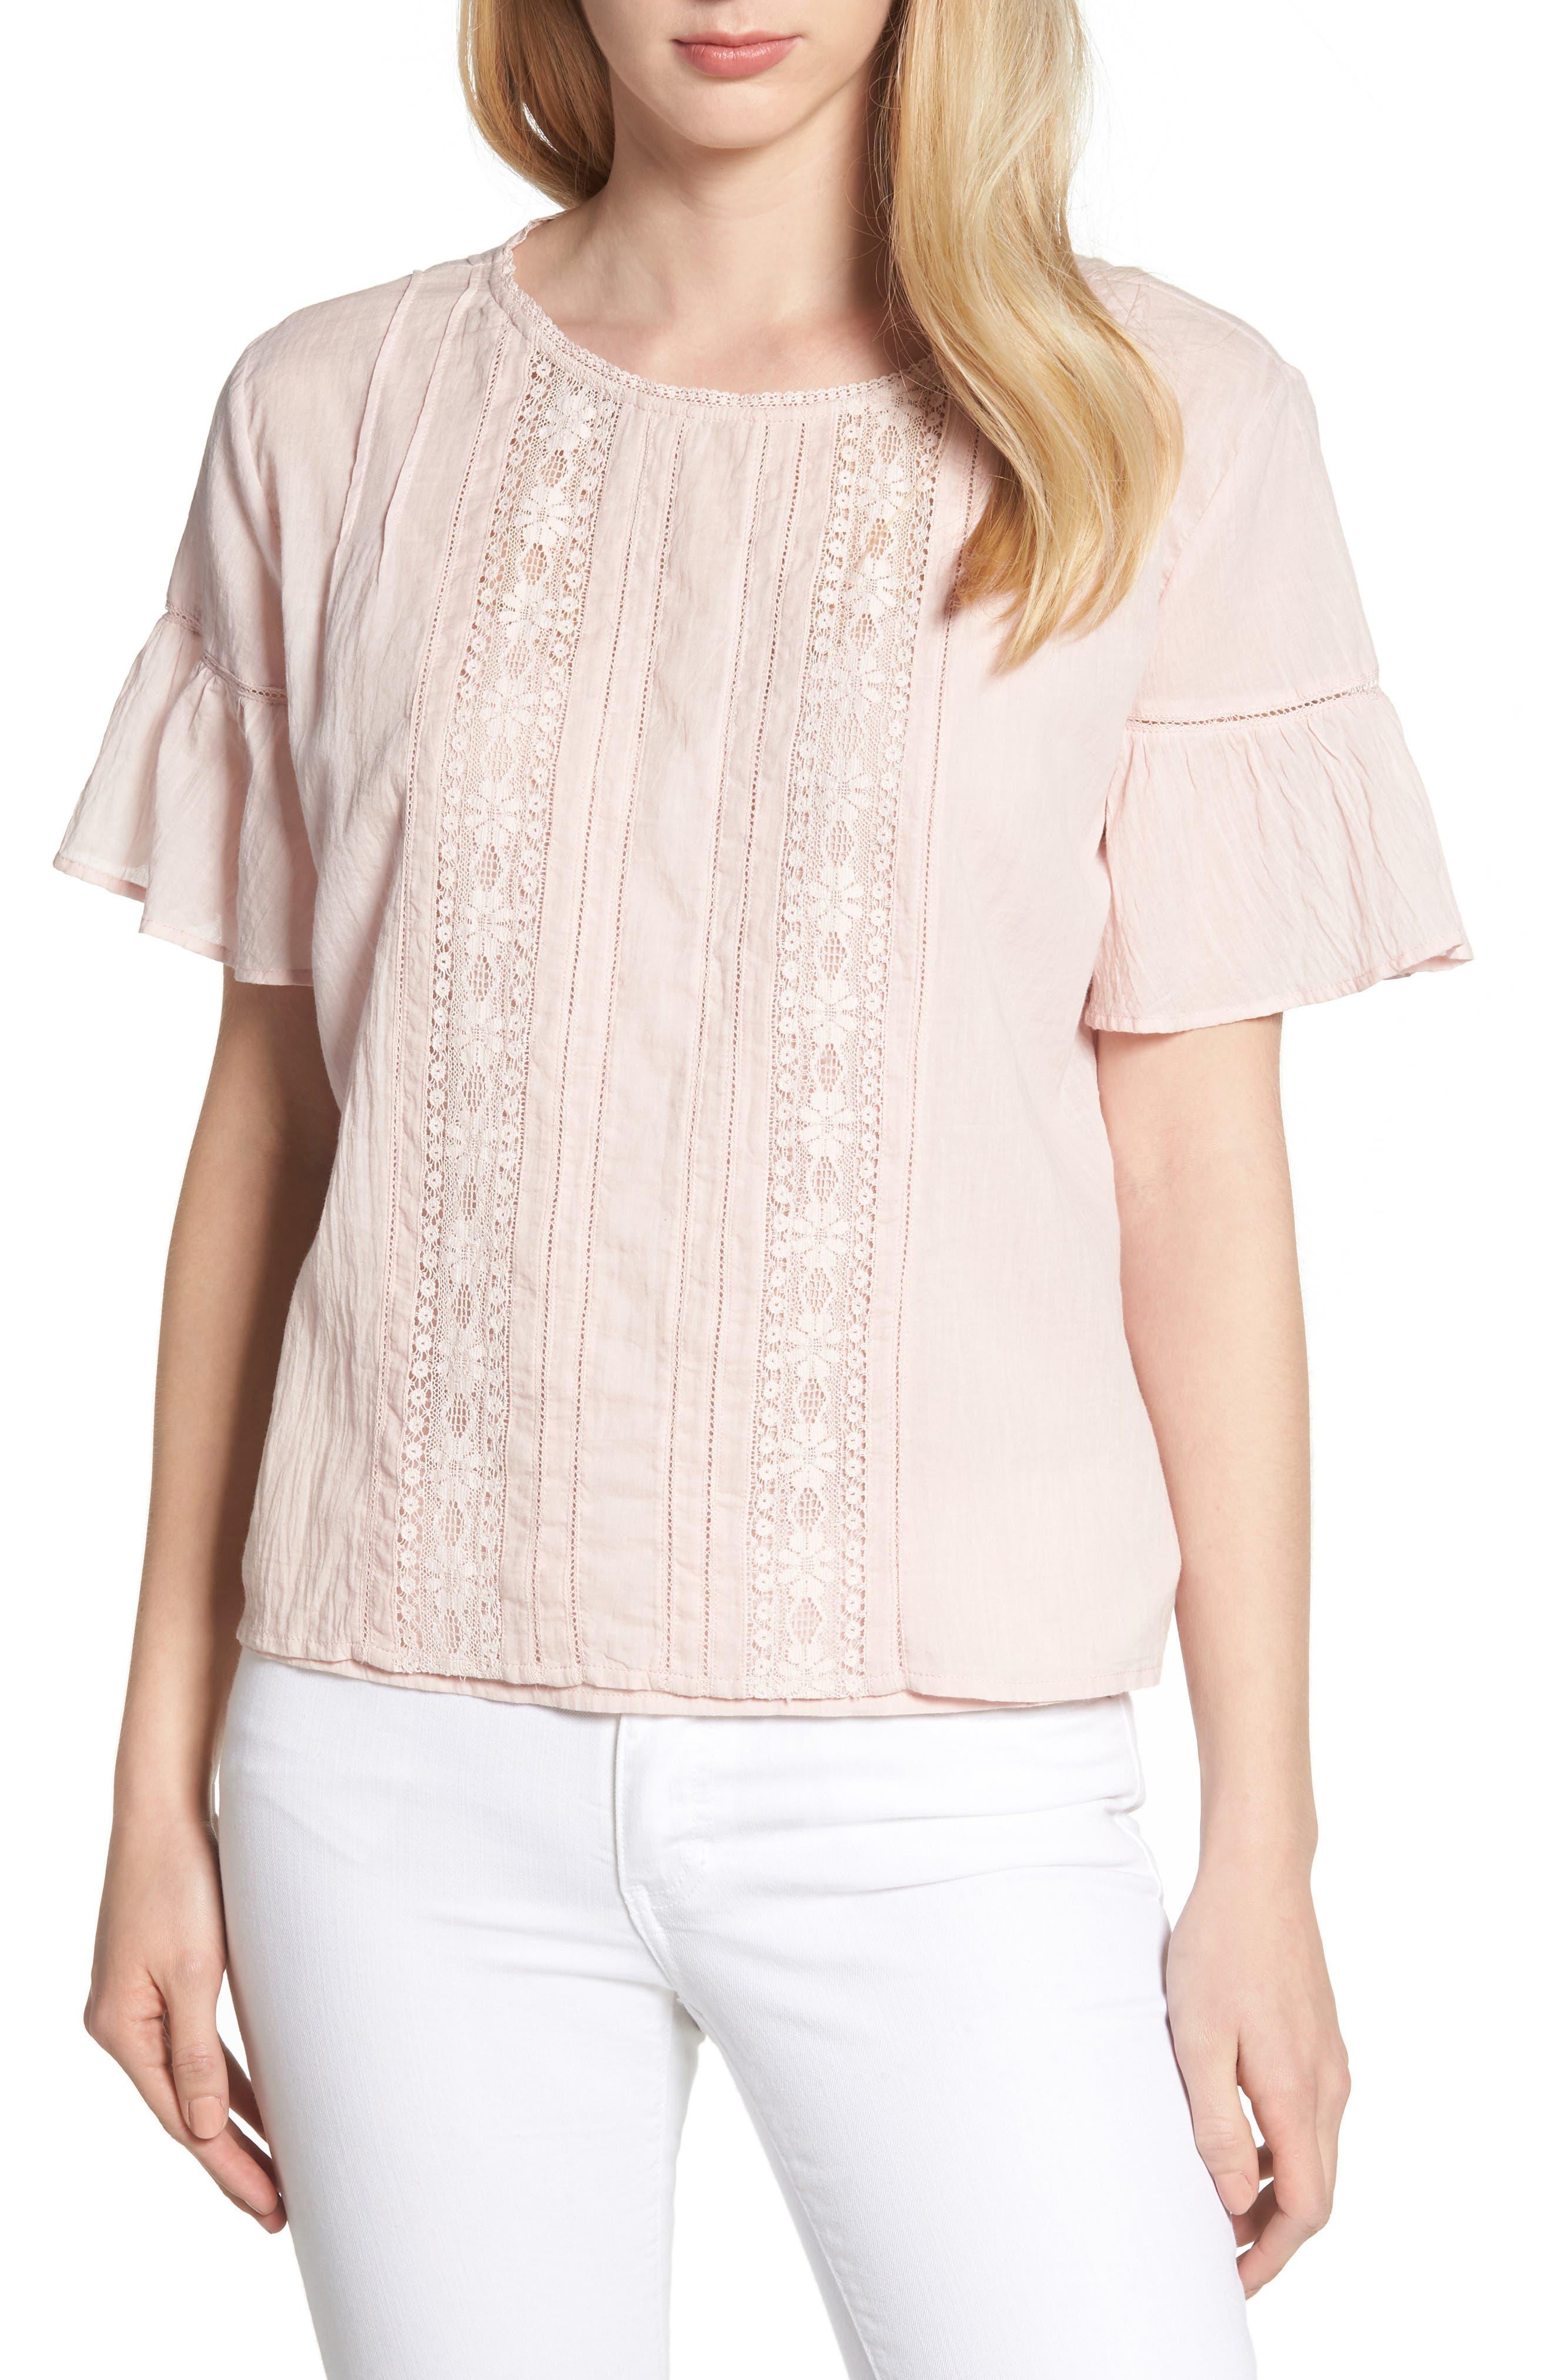 Cotton Lace Blouse,                             Main thumbnail 1, color,                             PALE PINK